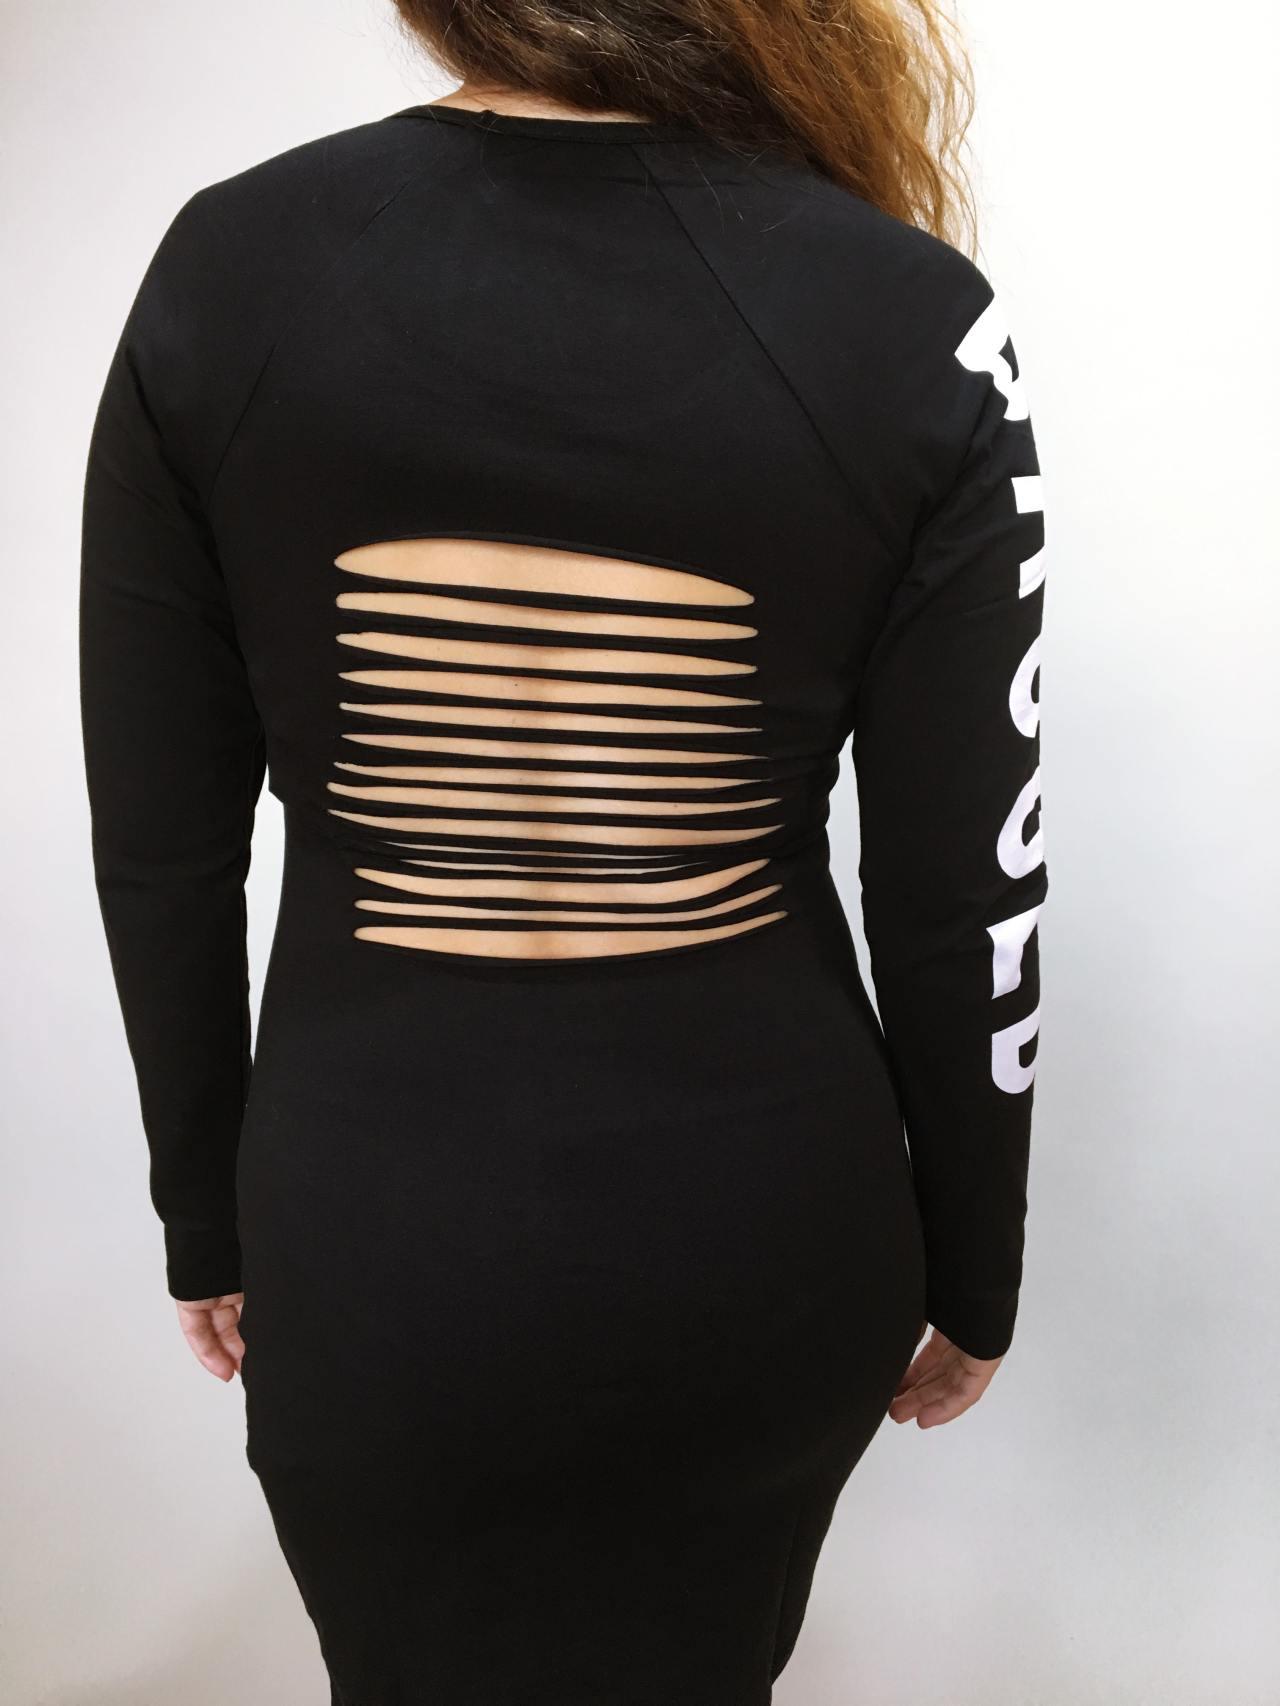 Šaty Bagged černé 05